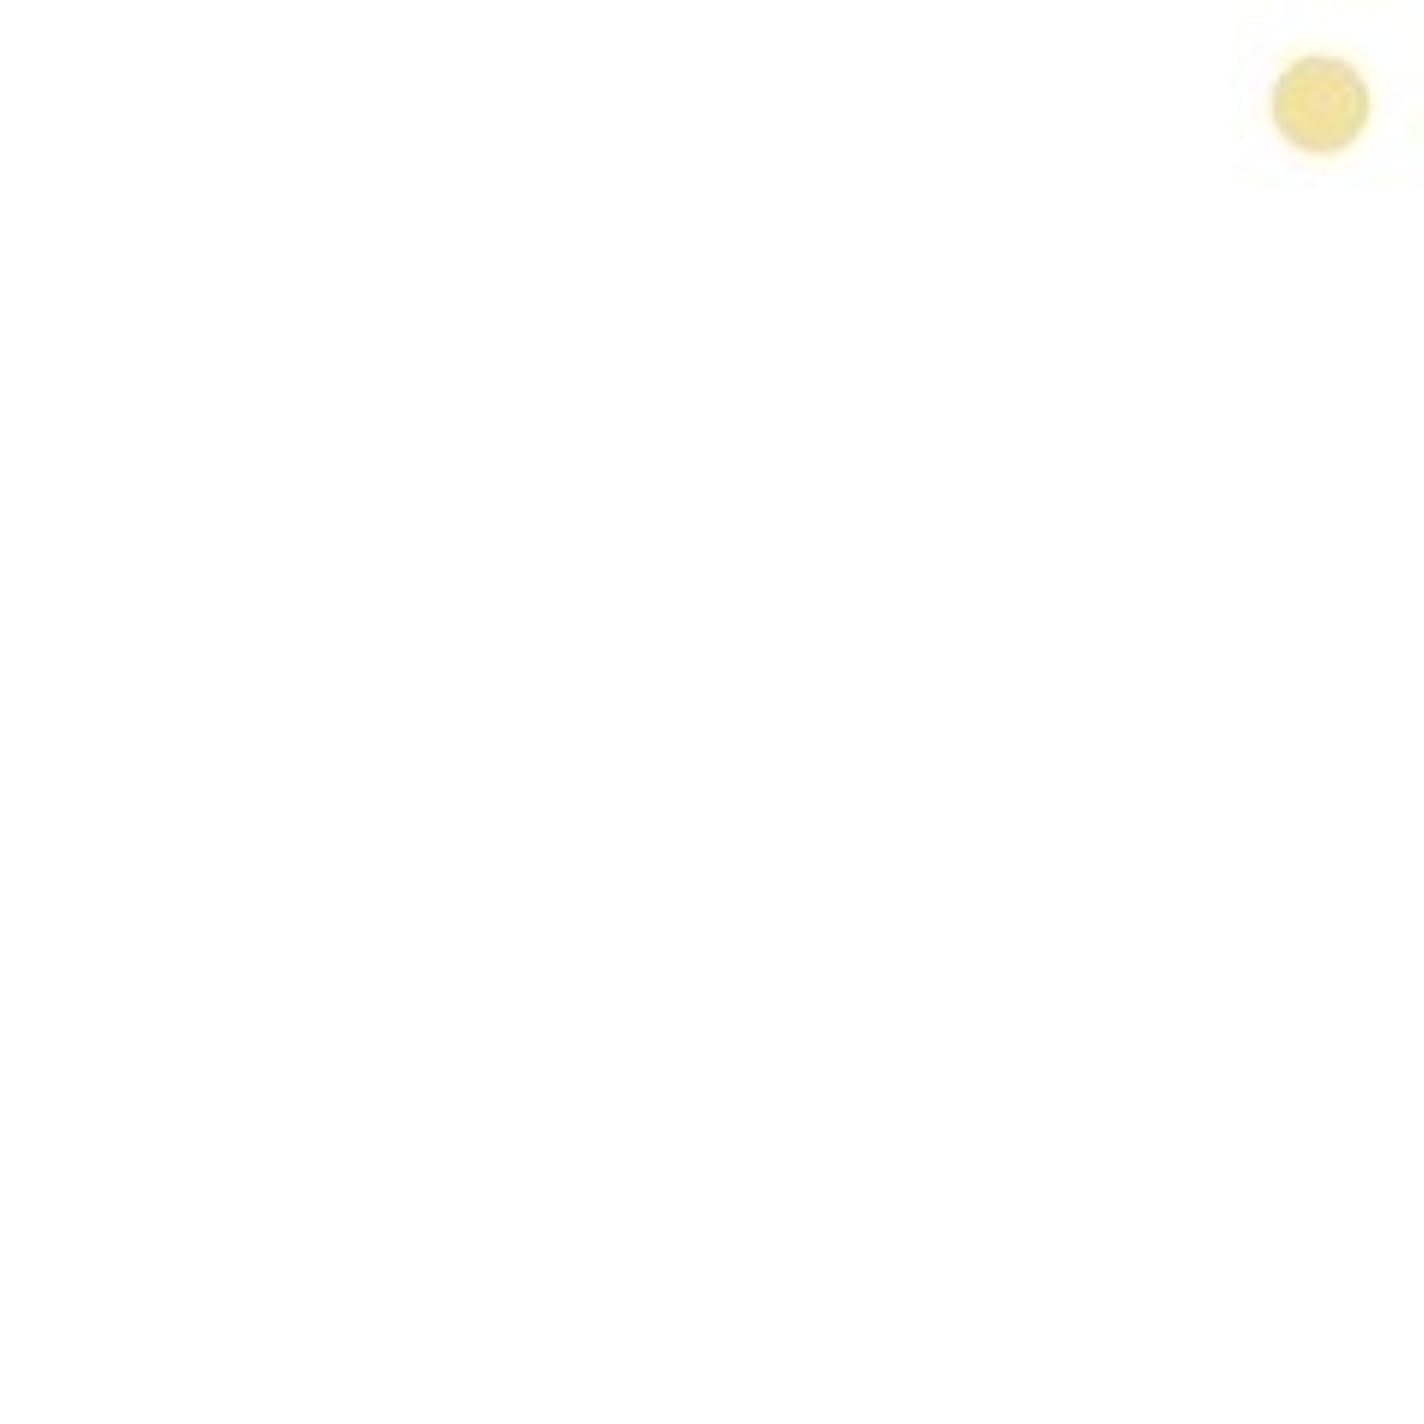 根絶する選出する作曲する【カバーマーク】ジャスミーカラー パウダリーファンデーション #YN10 (レフィル)